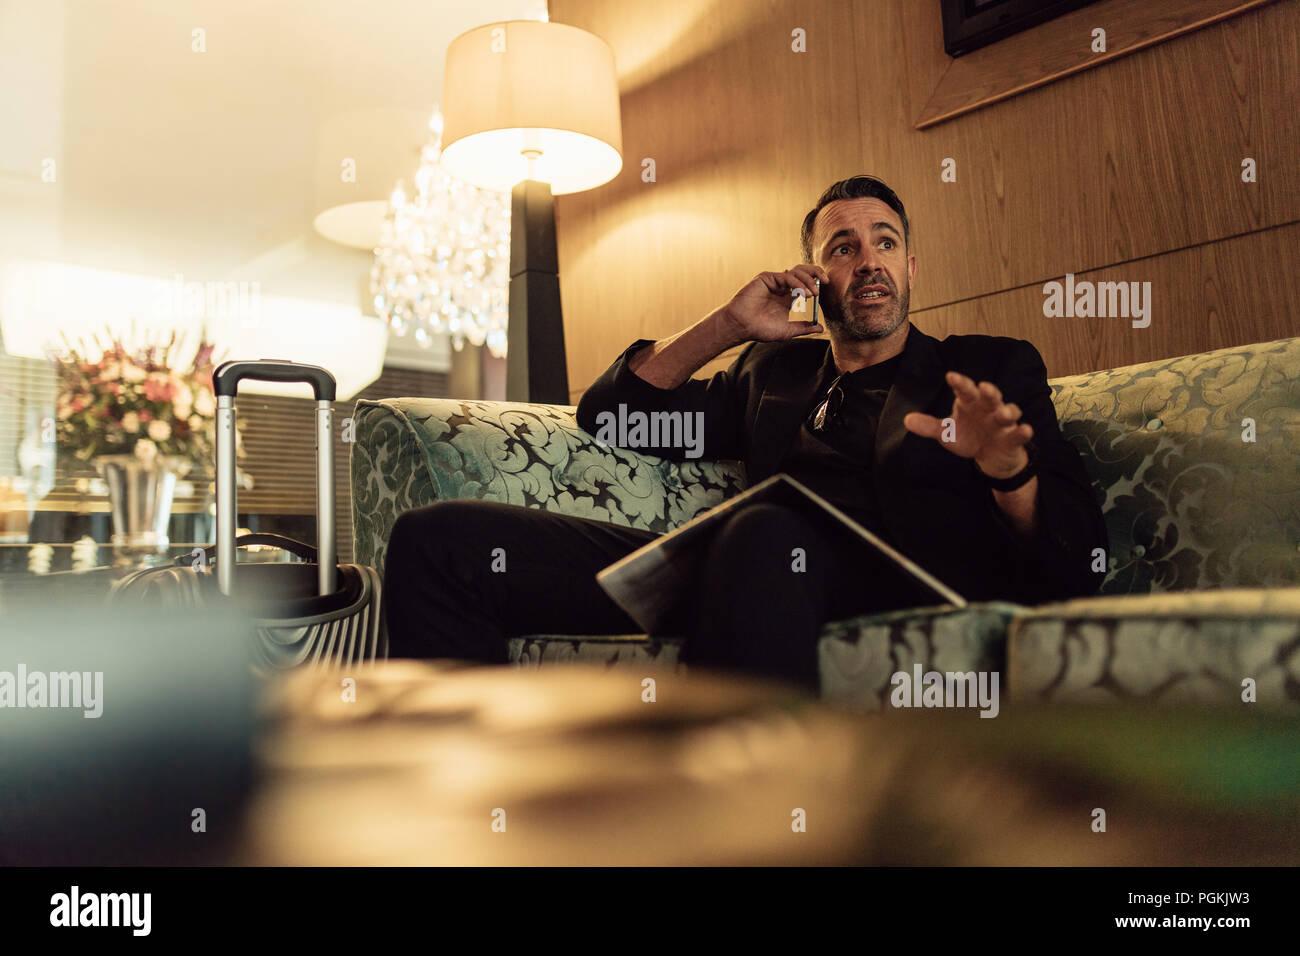 Reifen Geschäftsmann in der Lobby sitzen und Gespräch am Handy. Geschäftsmann auf wartet im Hotel Foyer, Anruf. Stockbild